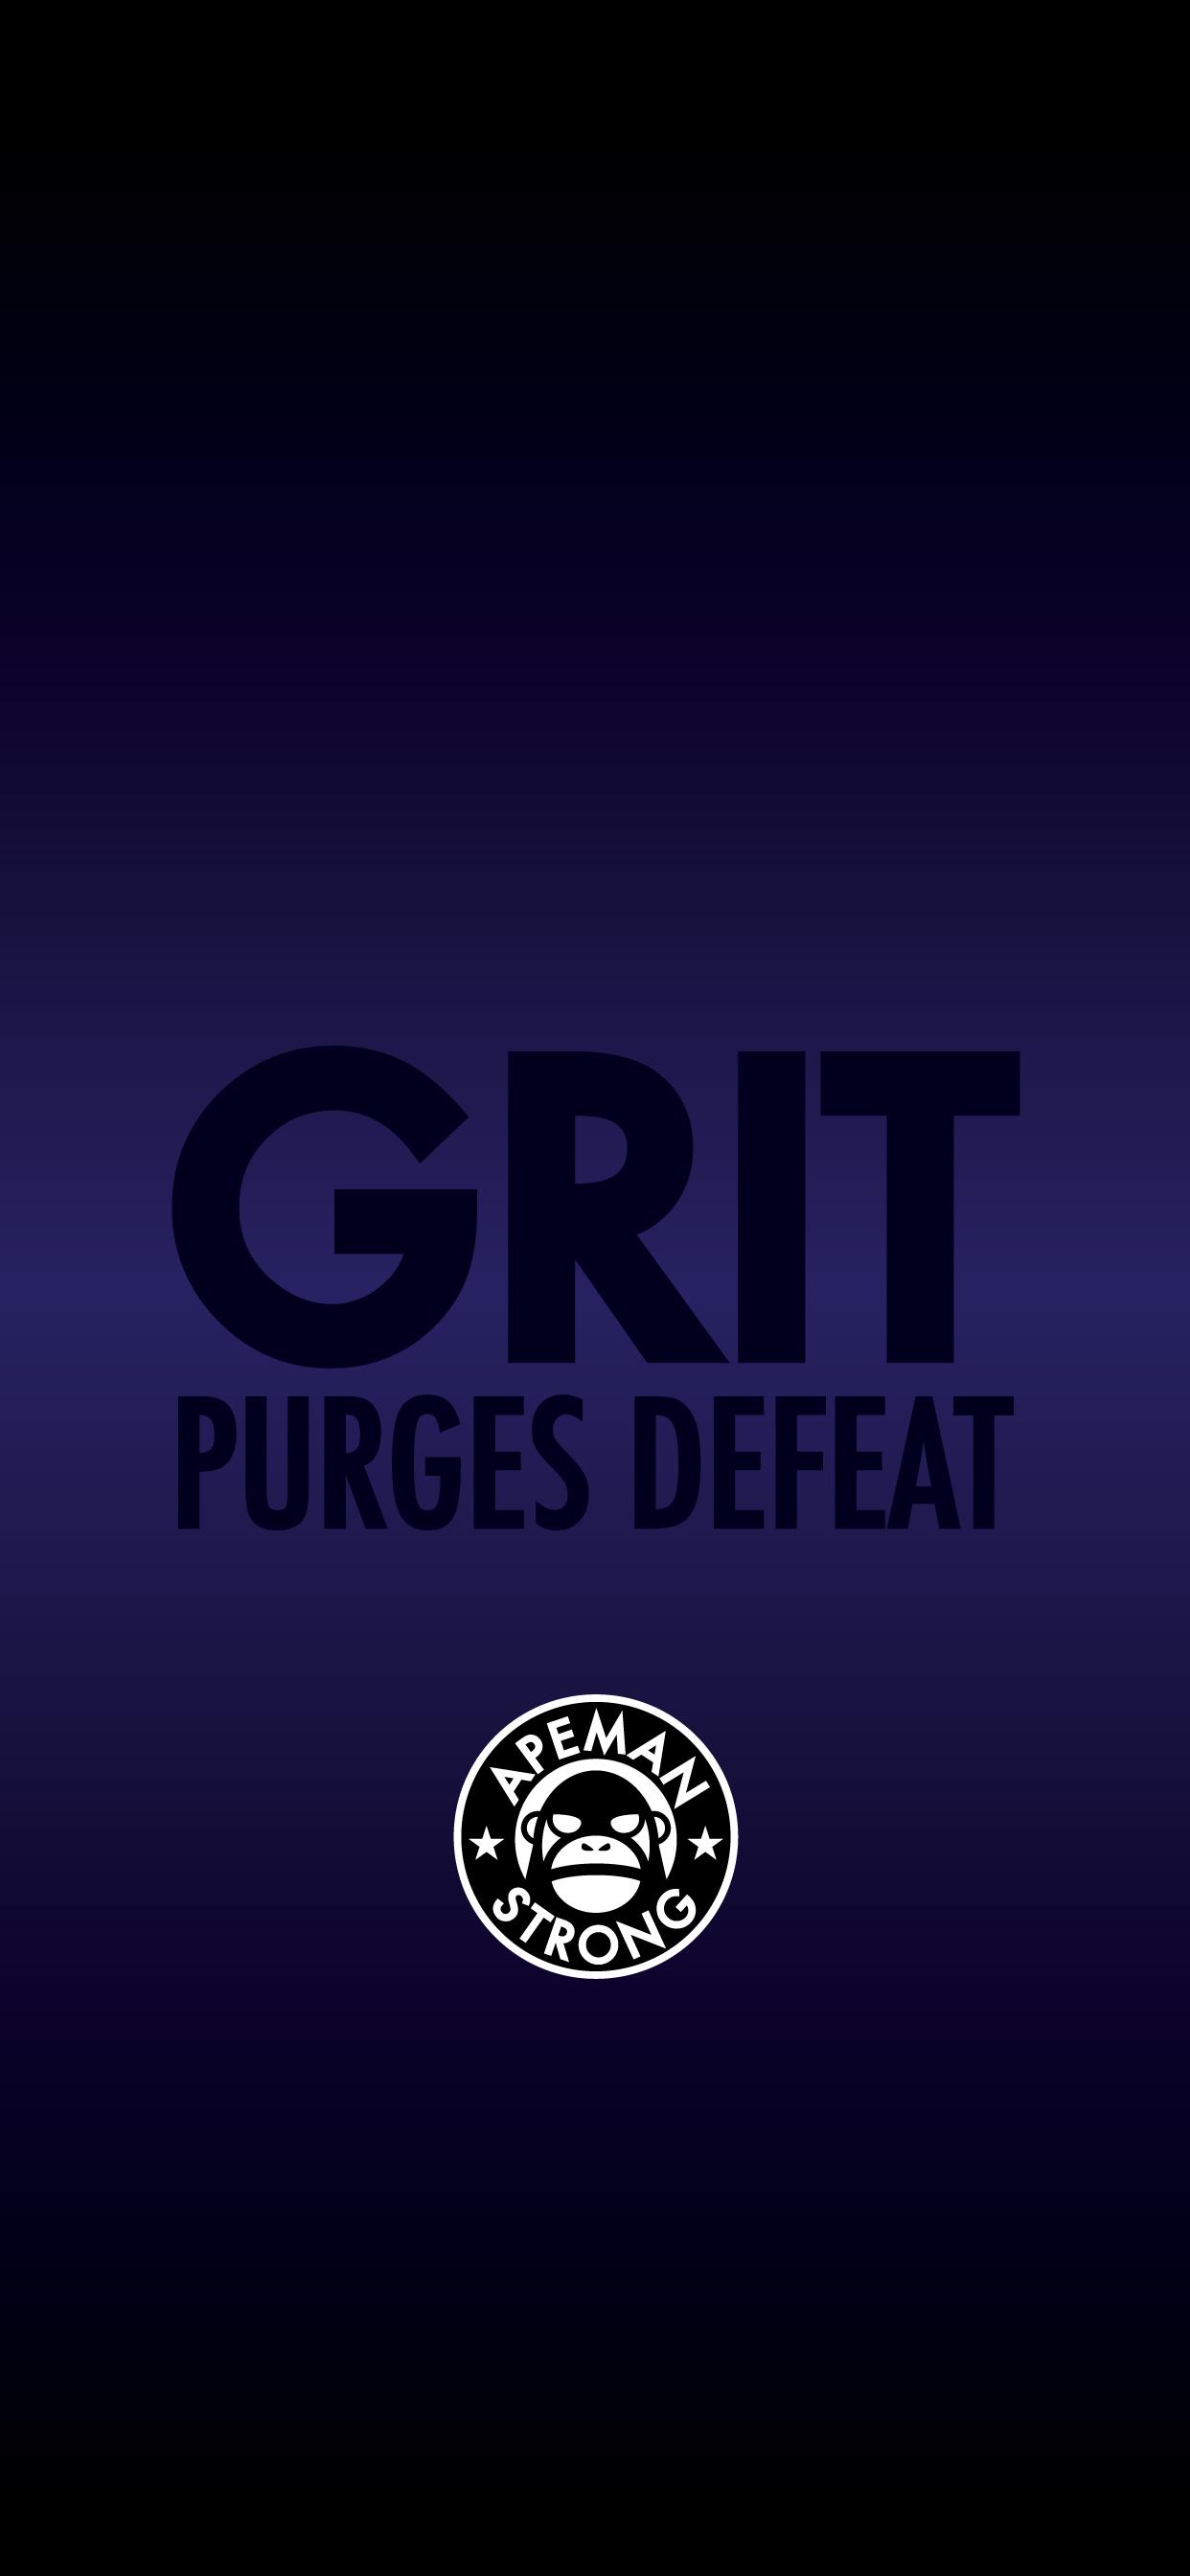 GRIT-PURGES-DEFEAT.jpg